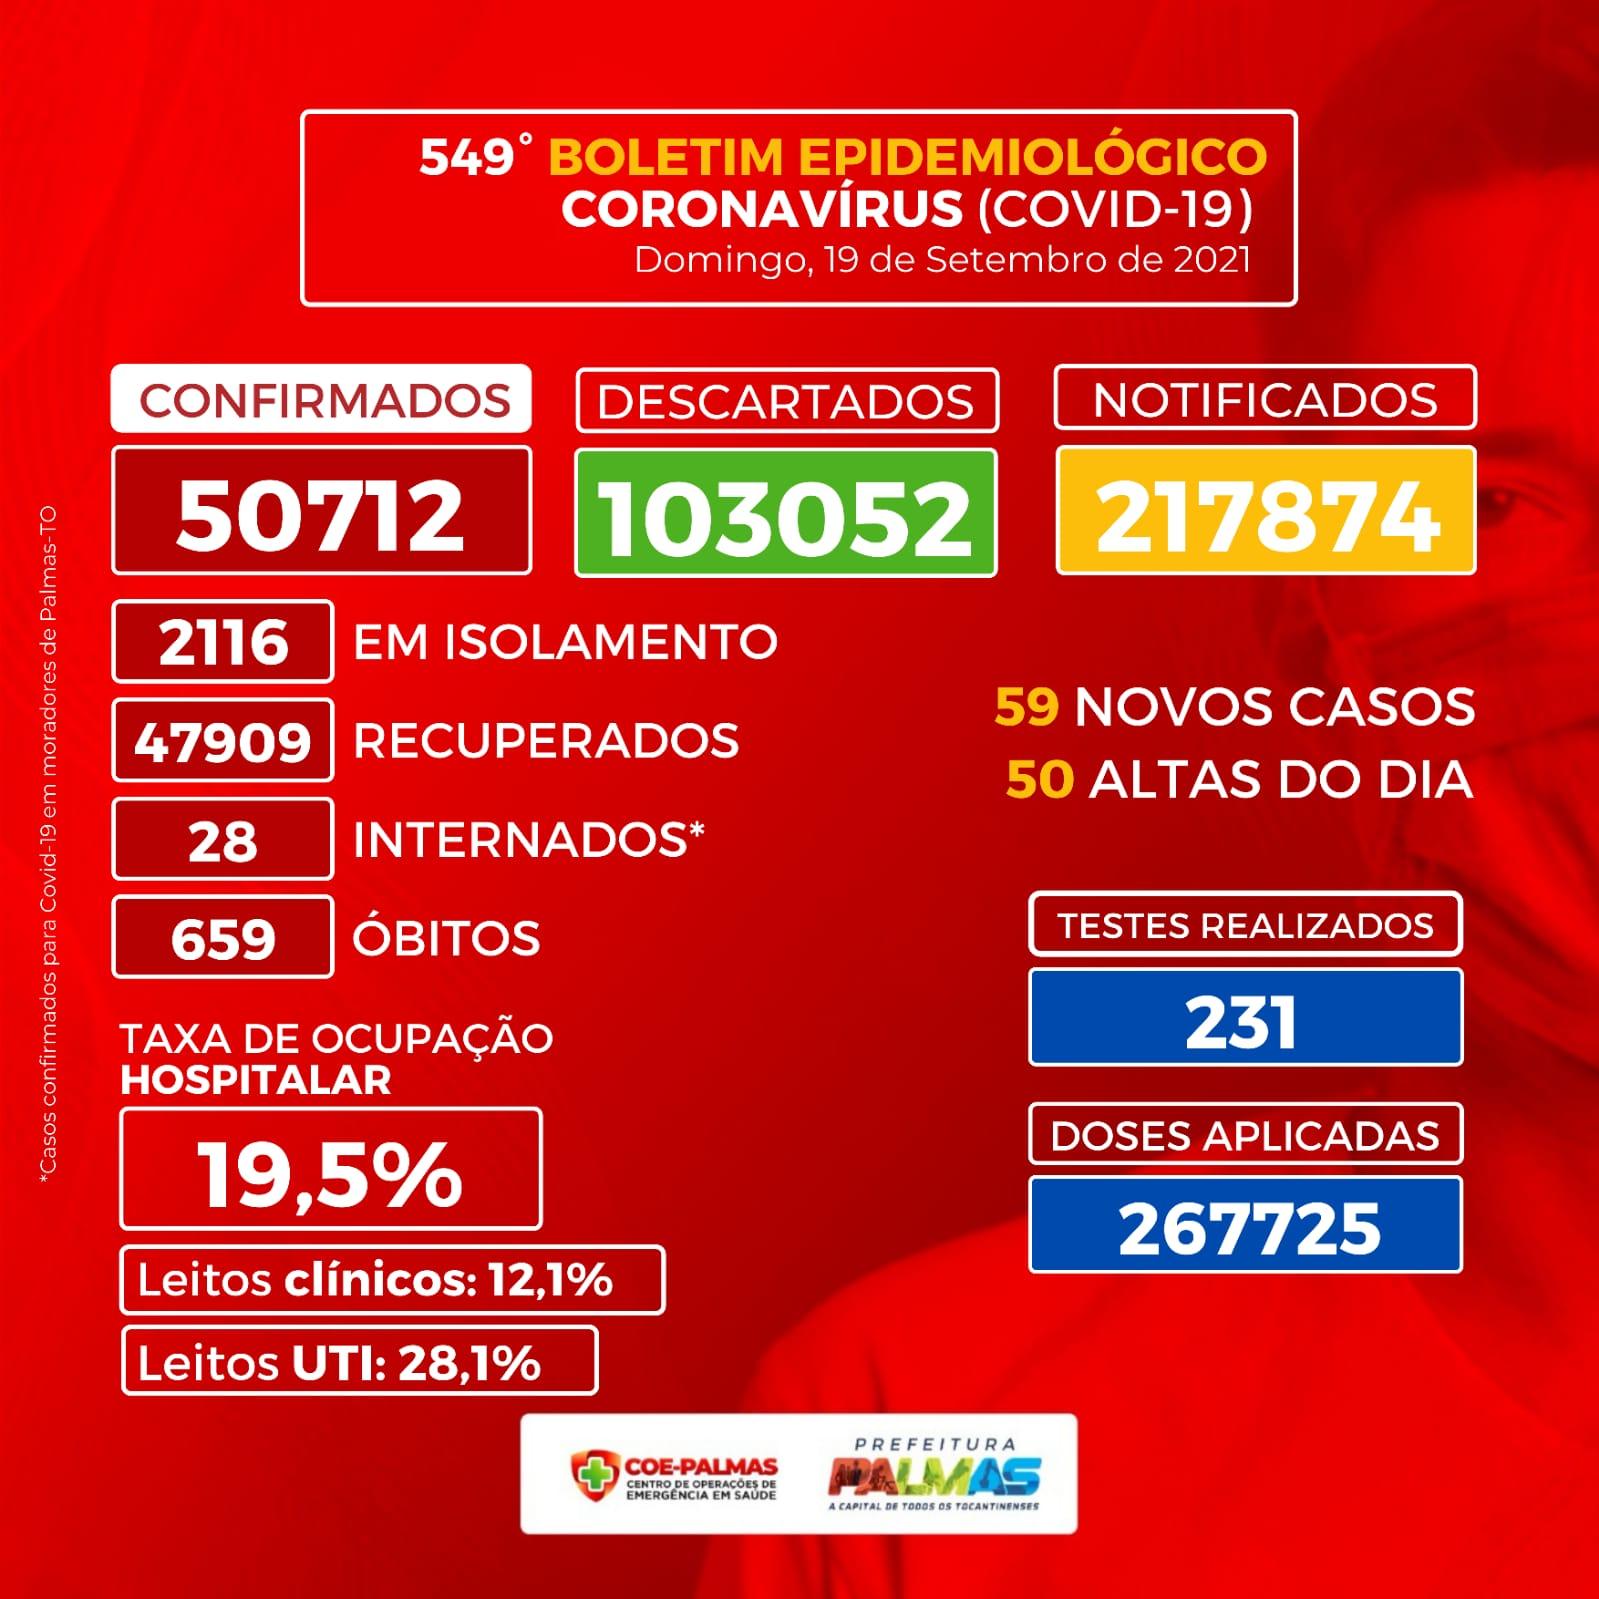 Boletim Epidemiológico registra 59 novos casos positivos para Covid-19 em Palmas